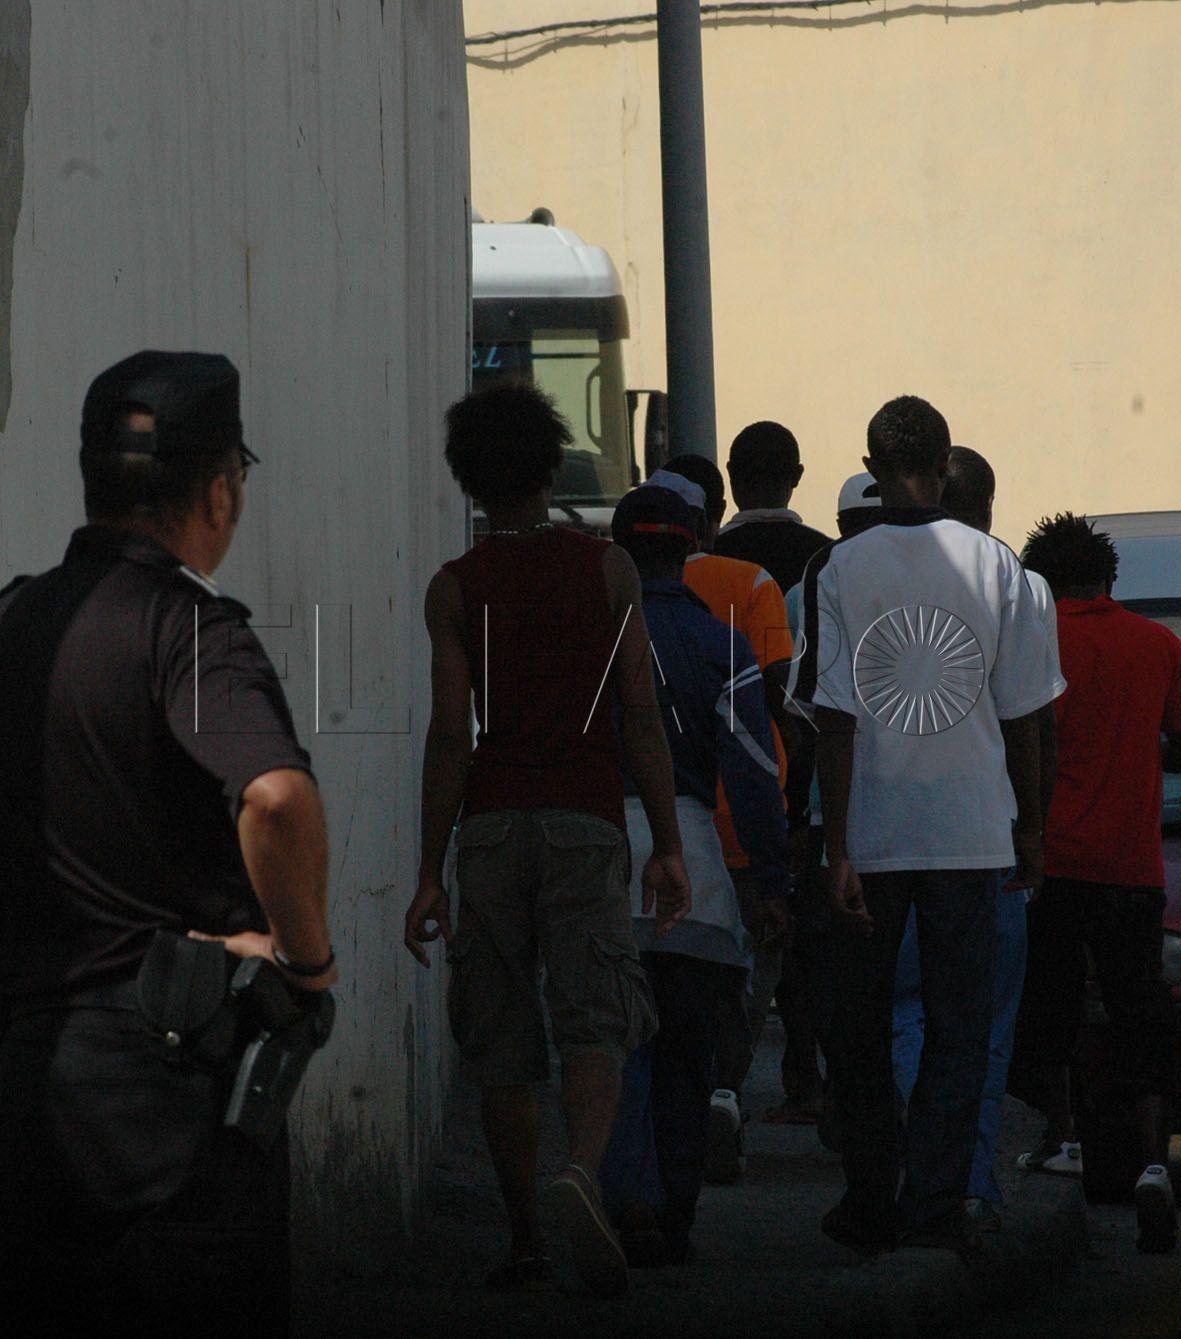 La Jefatura de la Policía Local ordena más agentes al muelle de Poniente